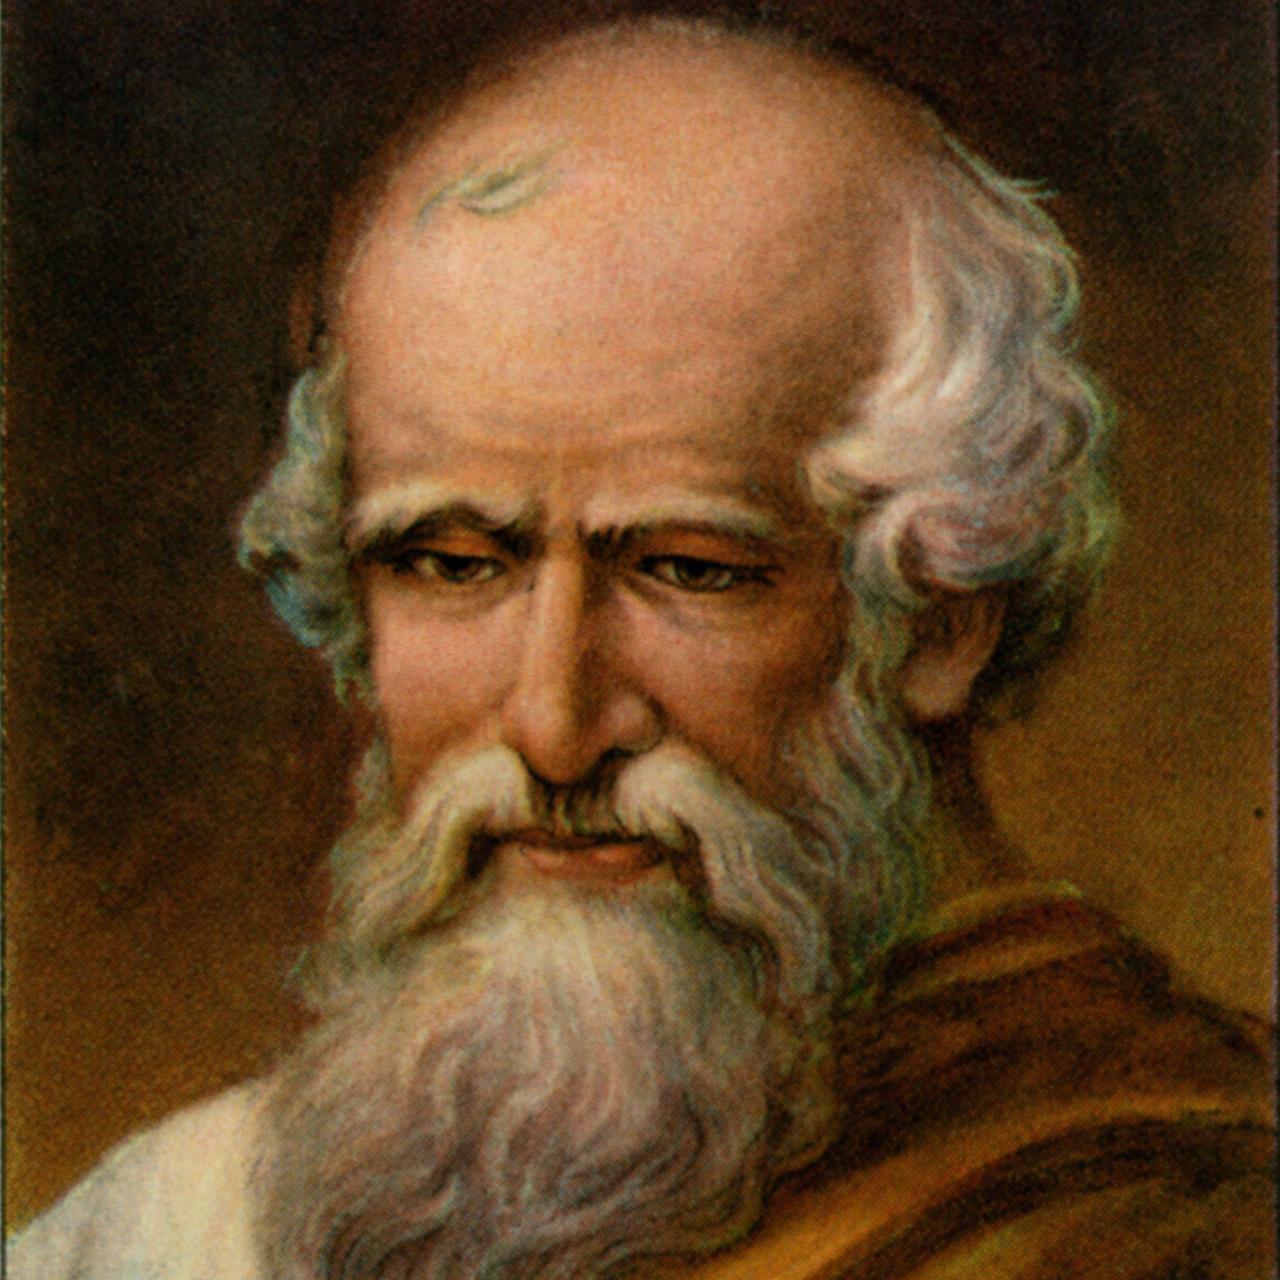 صورة من هو ارخميدس , اعرف ما لا تعرفه عن ارخميدس